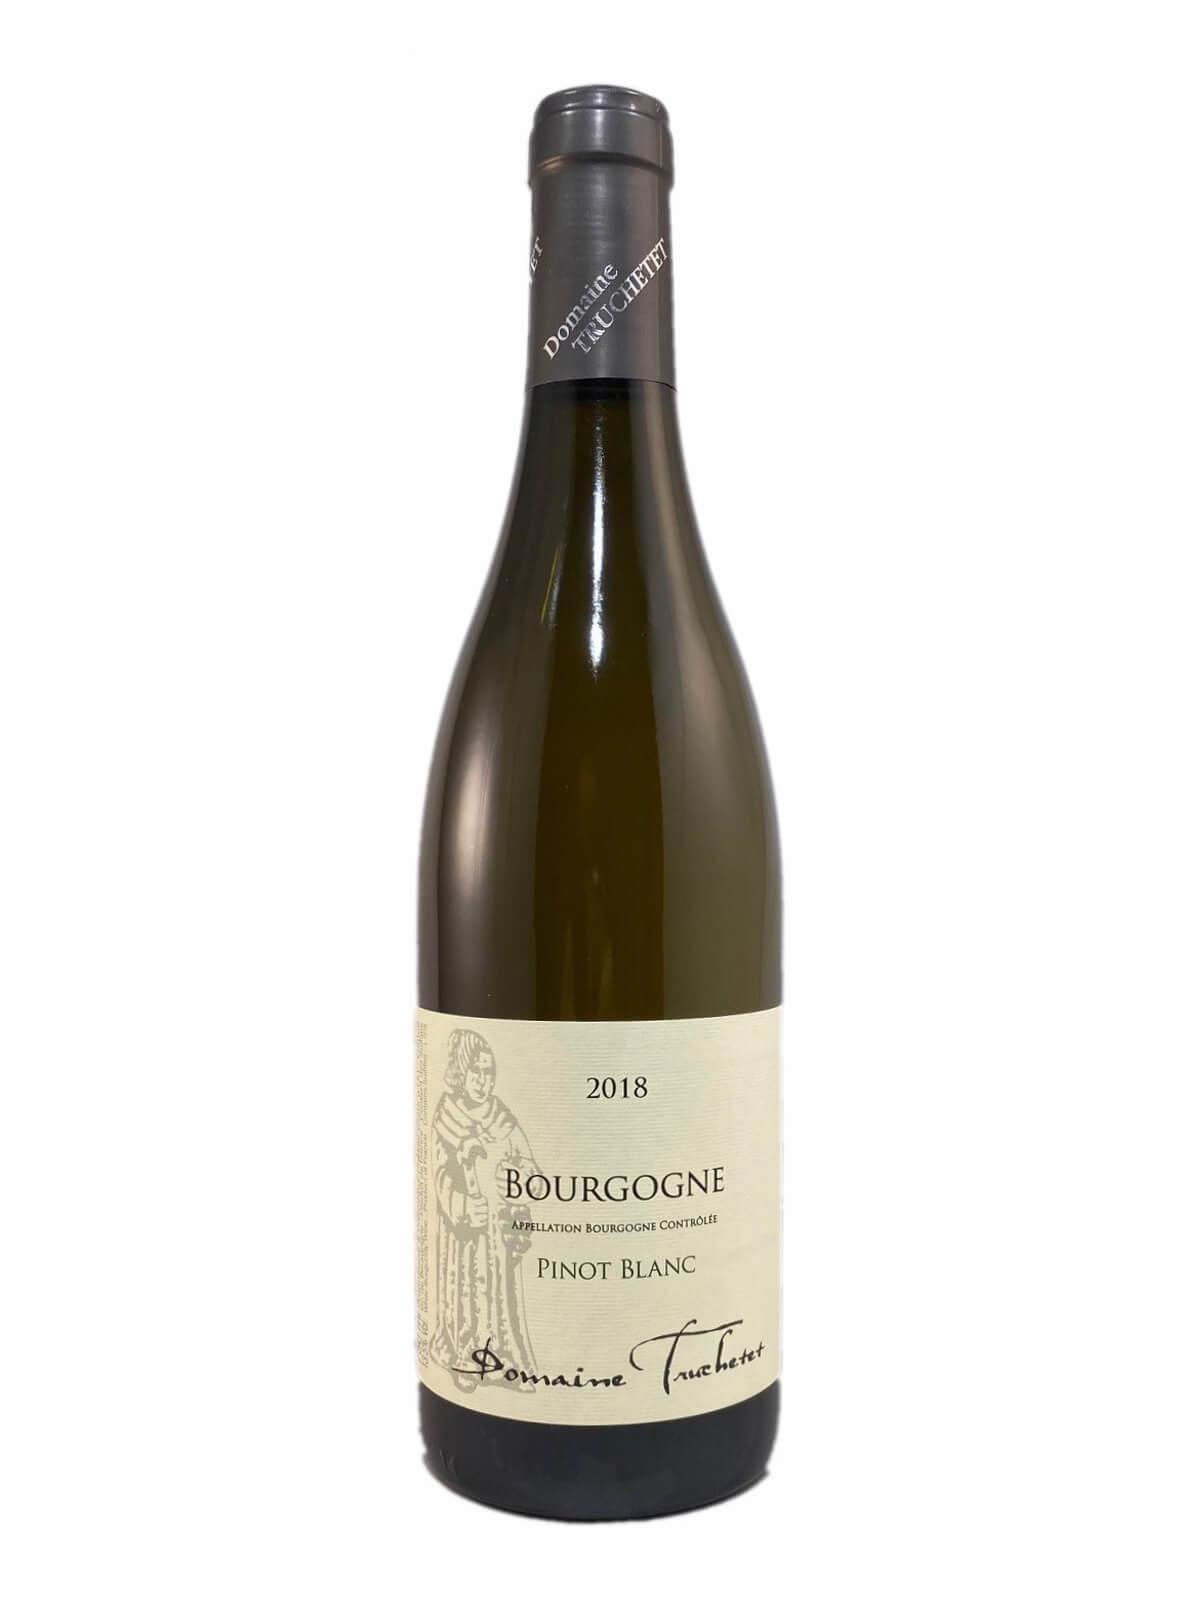 BOURGOGNE Pinot Blanc 2018 Domaine TRUCHETET